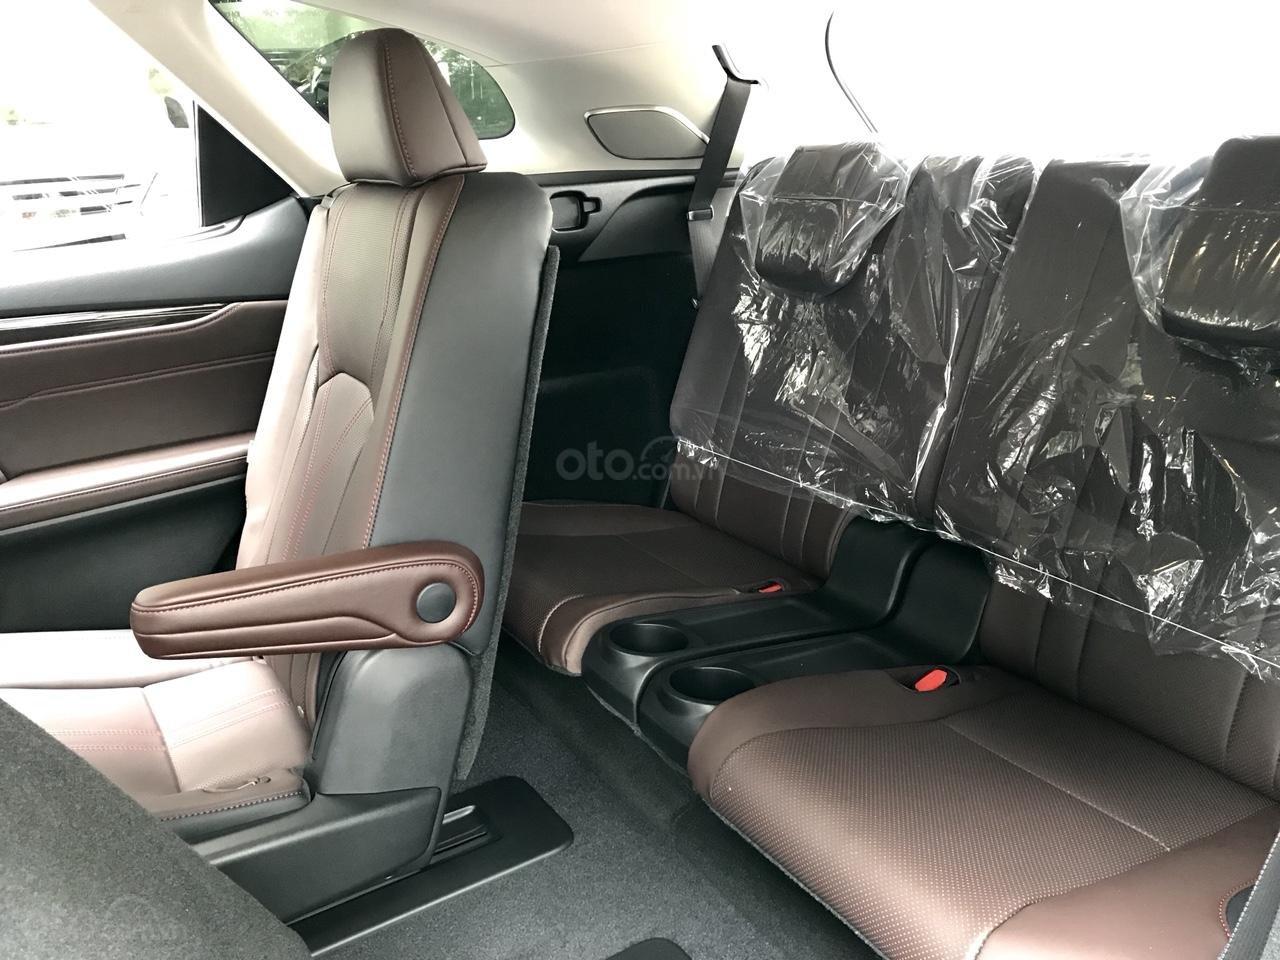 Bán Lexus RX R350L 2018, màu đen, 6 chỗ, nhập khẩu Mỹ - Mr Huân 0981.0101.61-21